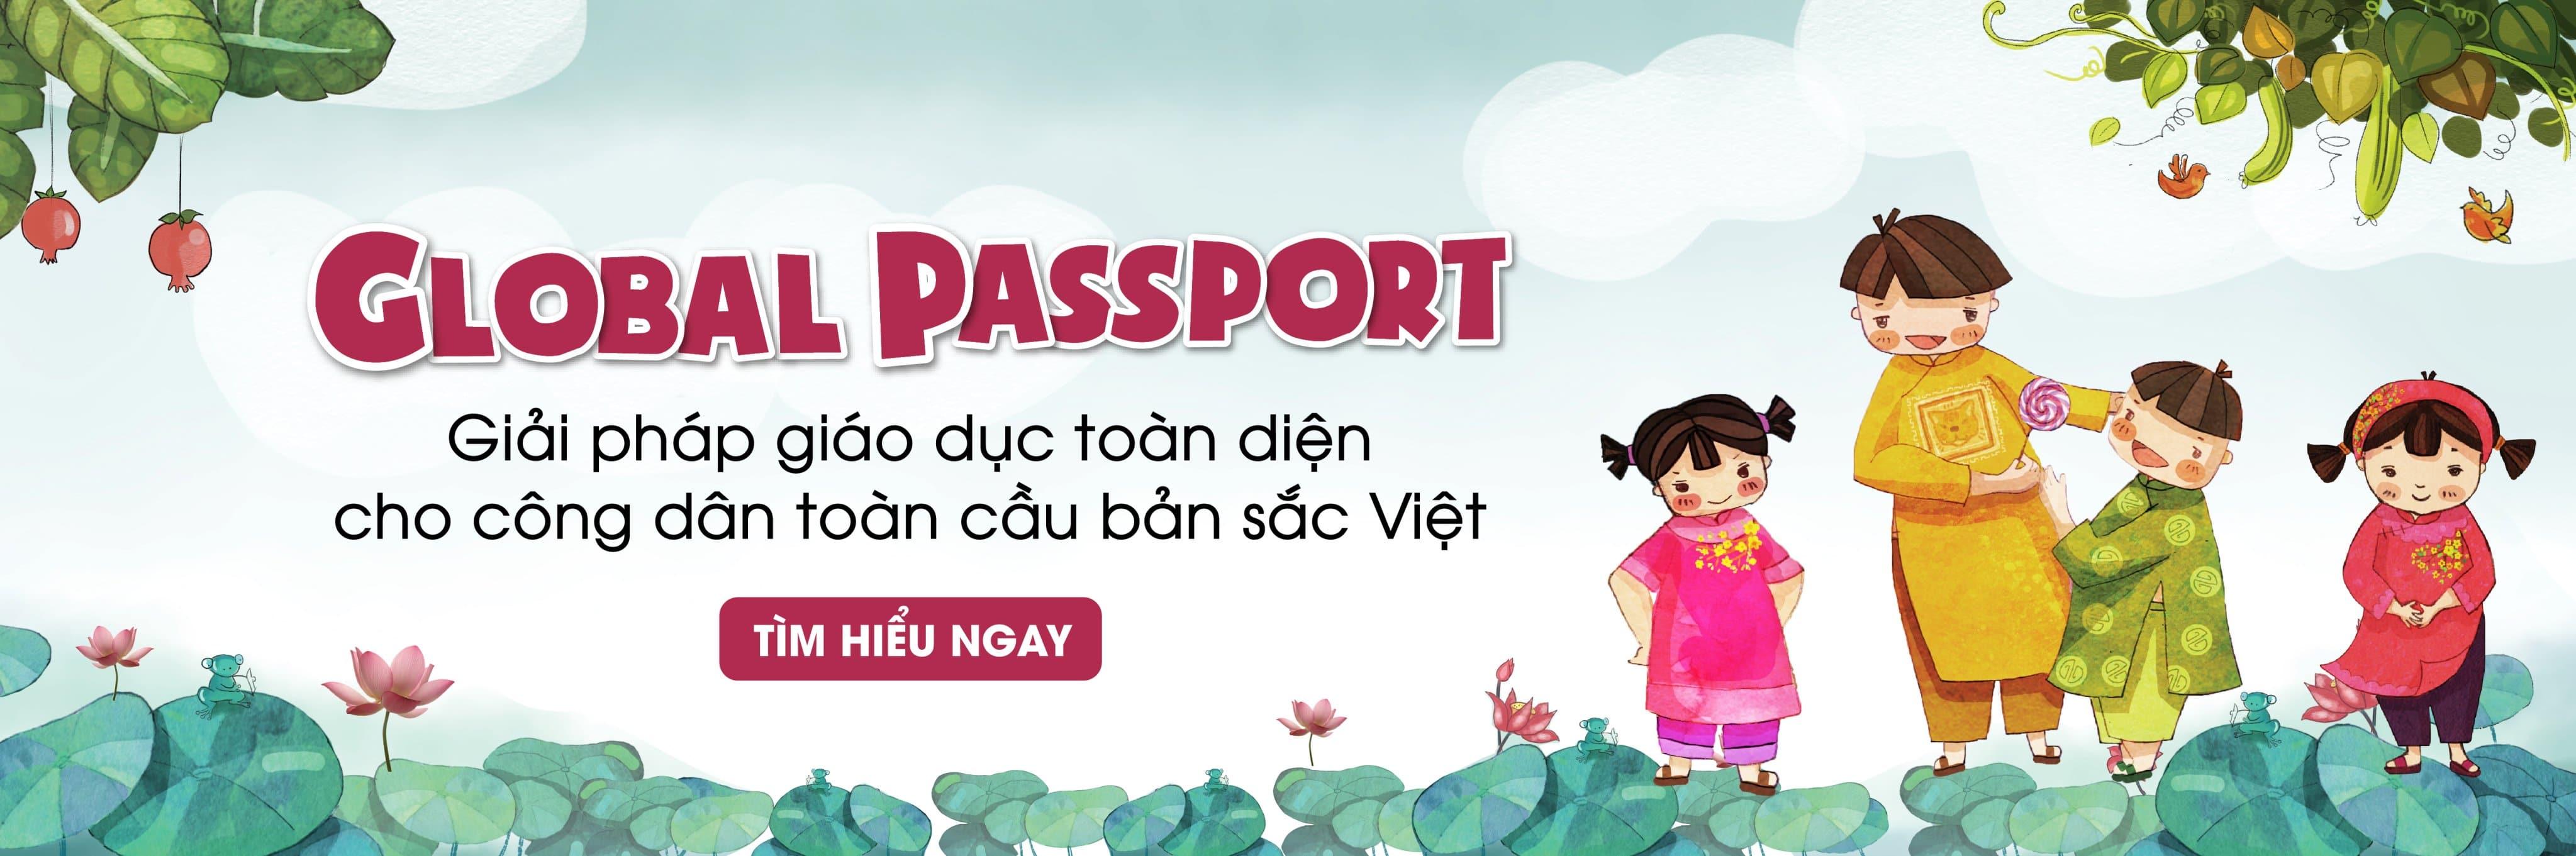 global passport tiếng anh cho trẻ em